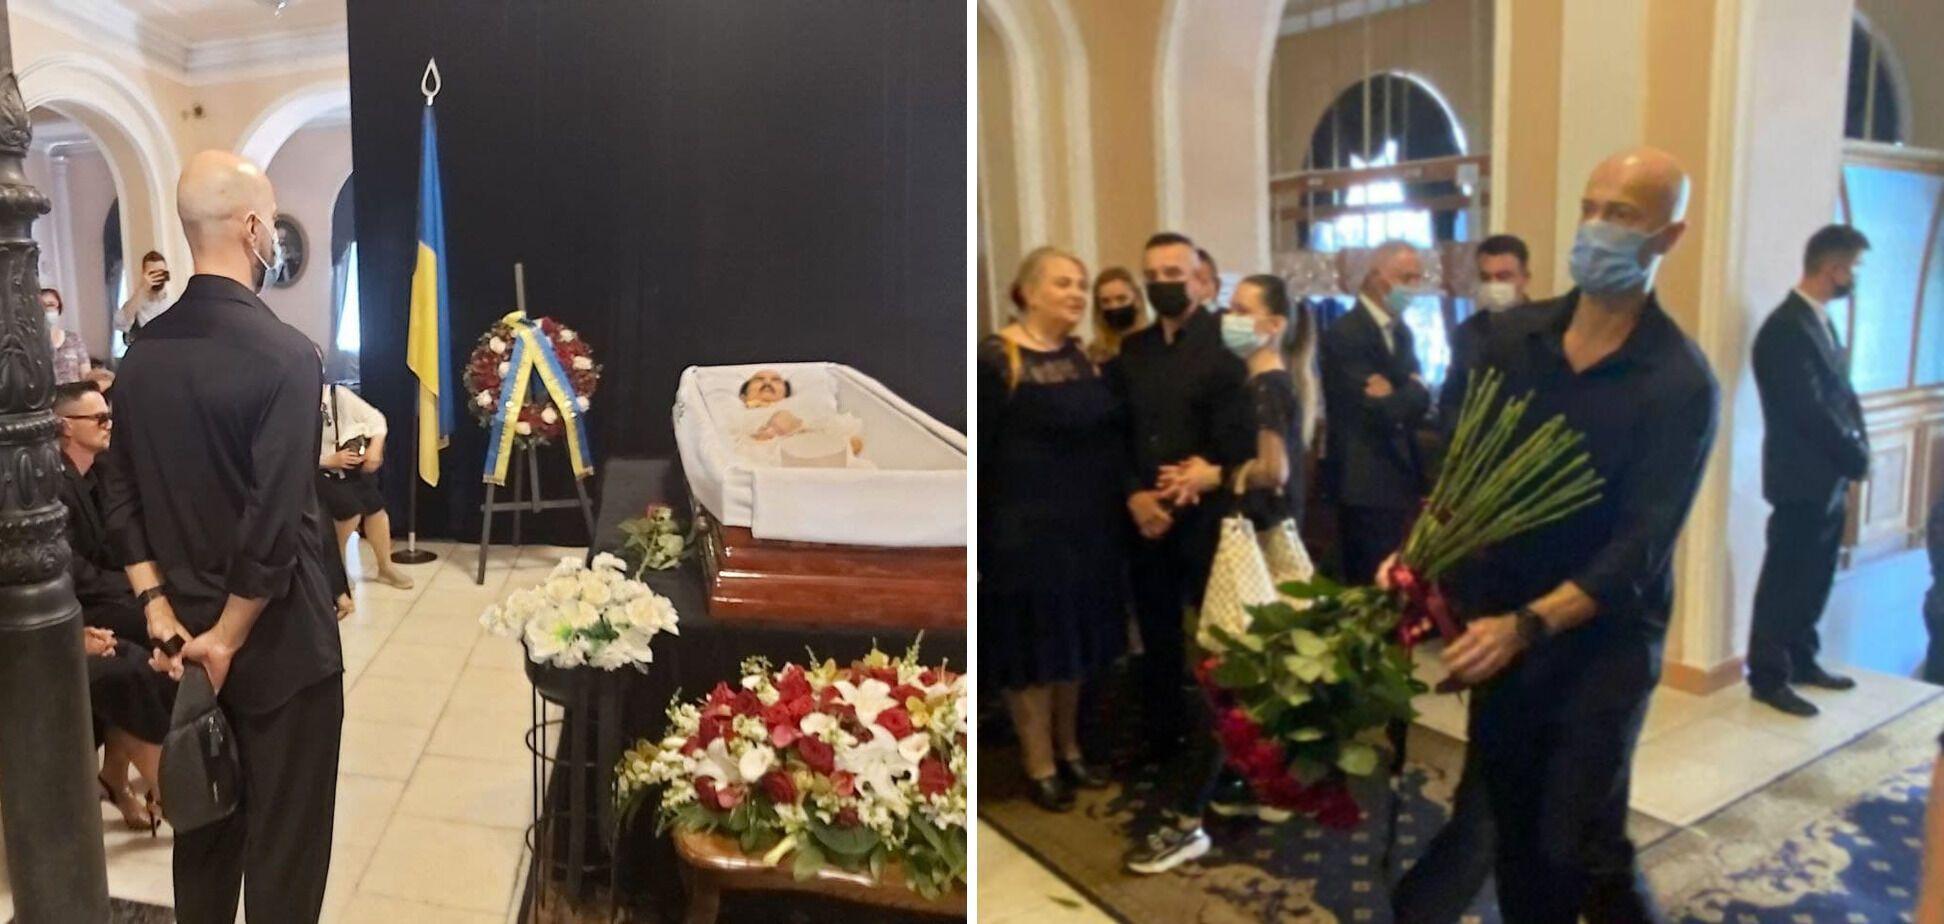 Влад Яма на церемонії прощання з Григорієм Чапкісом